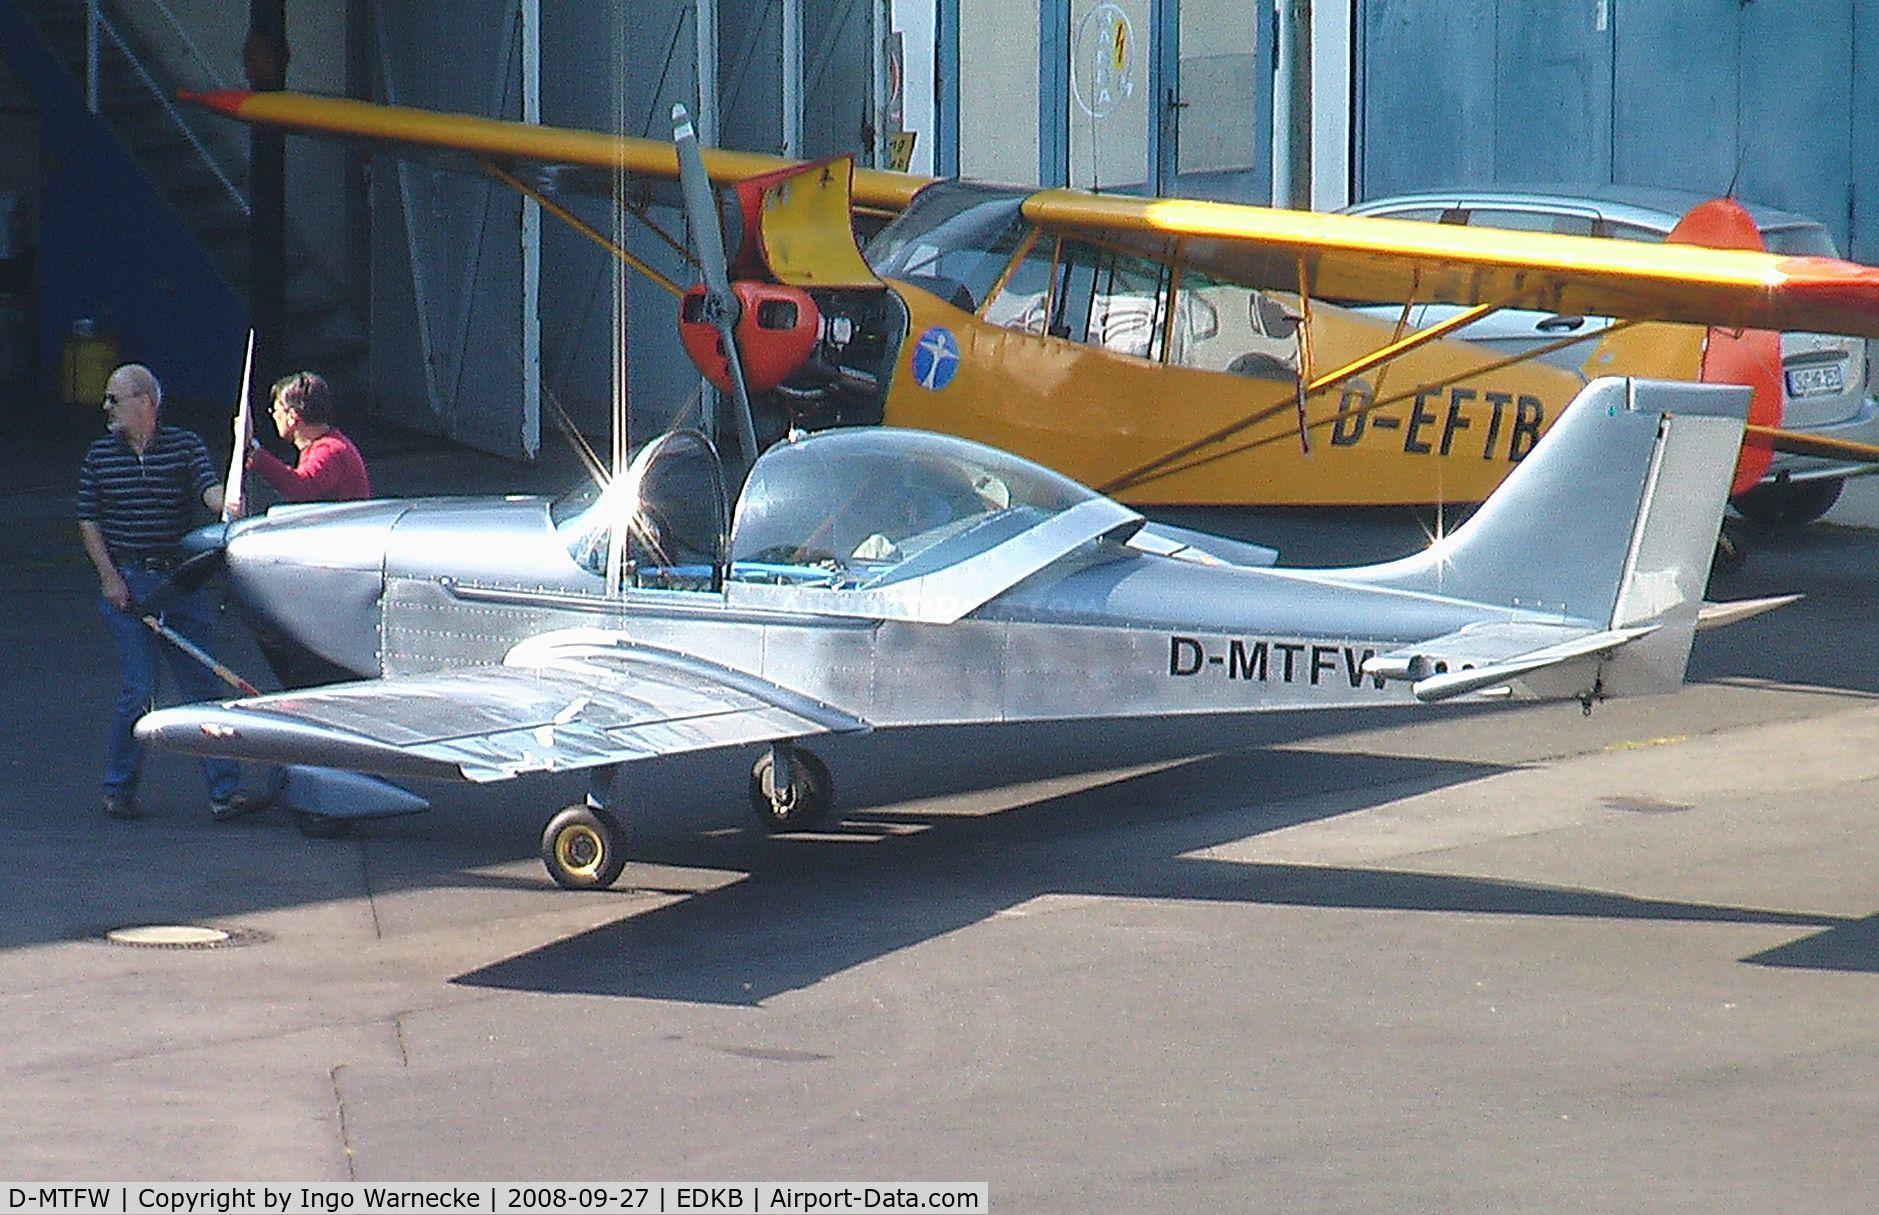 D-MTFW, Aerostyle Breezer C/N 030, Aerostyle Breezer at Bonn-Hangelar airfield